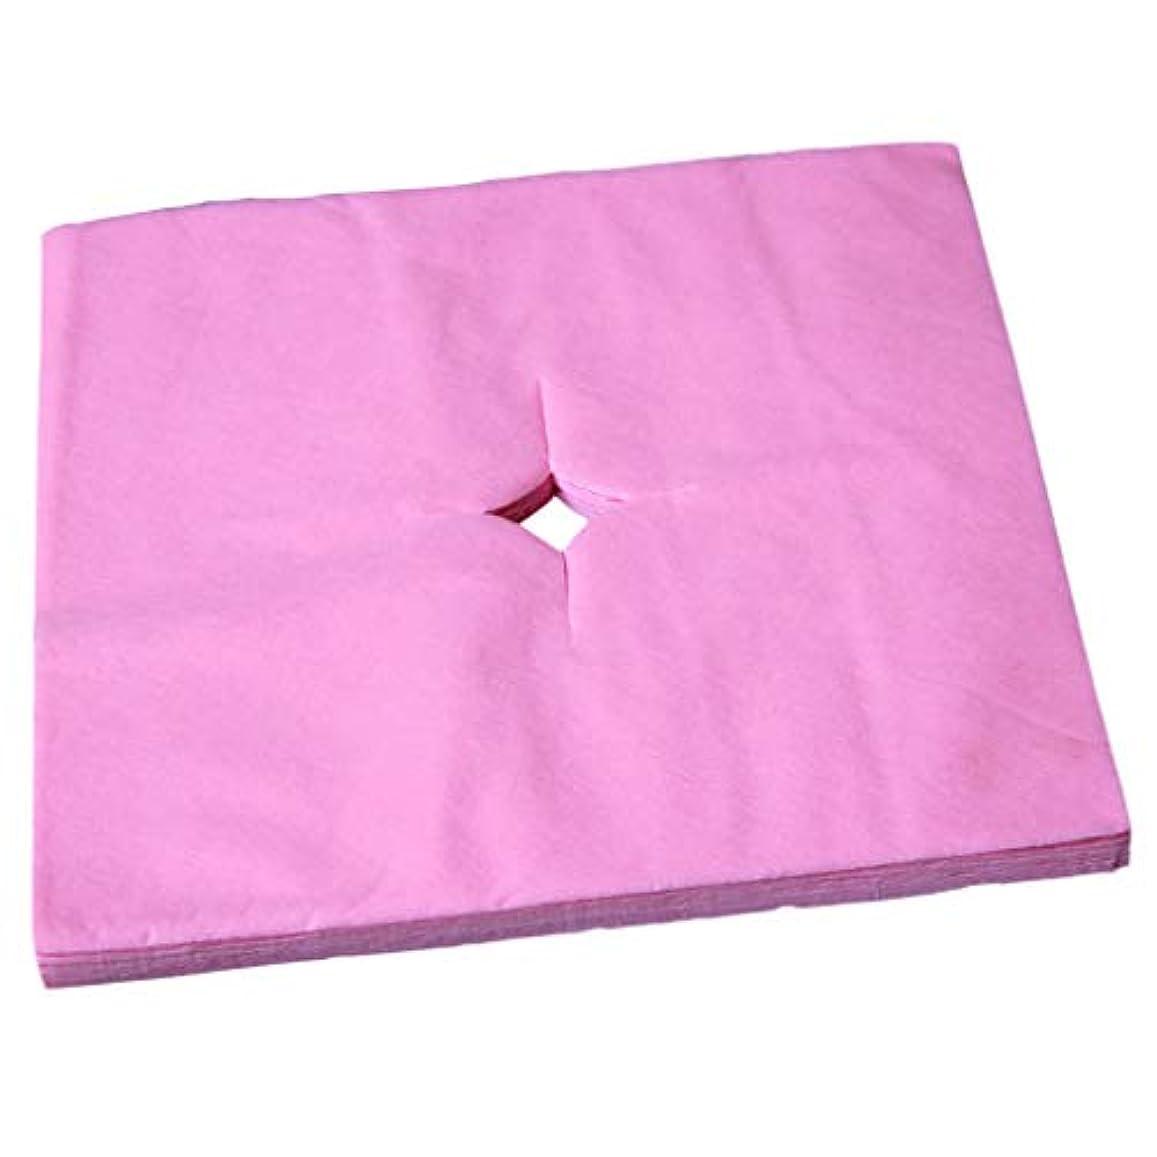 ピニオンポインタ人差し指フェイスクレードルカバー マッサージフェイスカバー マッサージサロン 使い捨て 寝具カバー 全3色 - ピンク